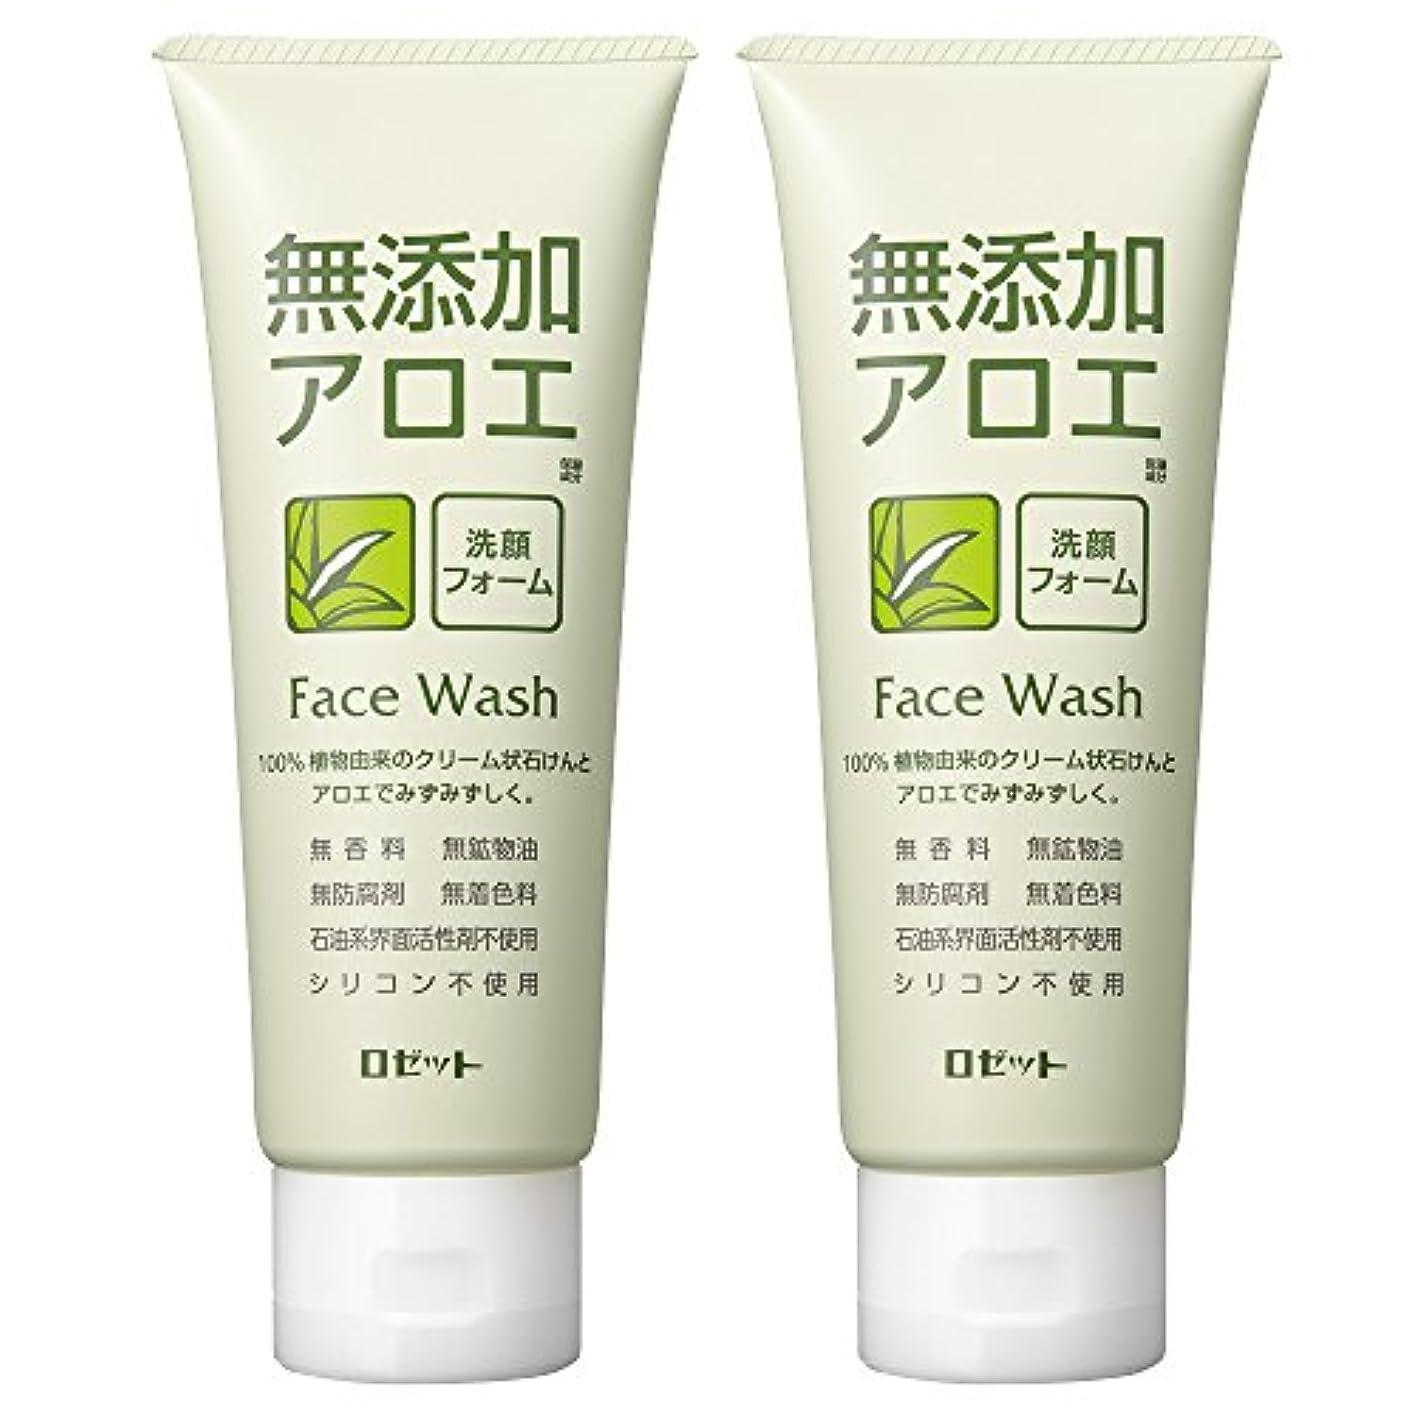 参照する方言移行するロゼット 無添加アロエ 洗顔フォーム 140g×2個パック AZ